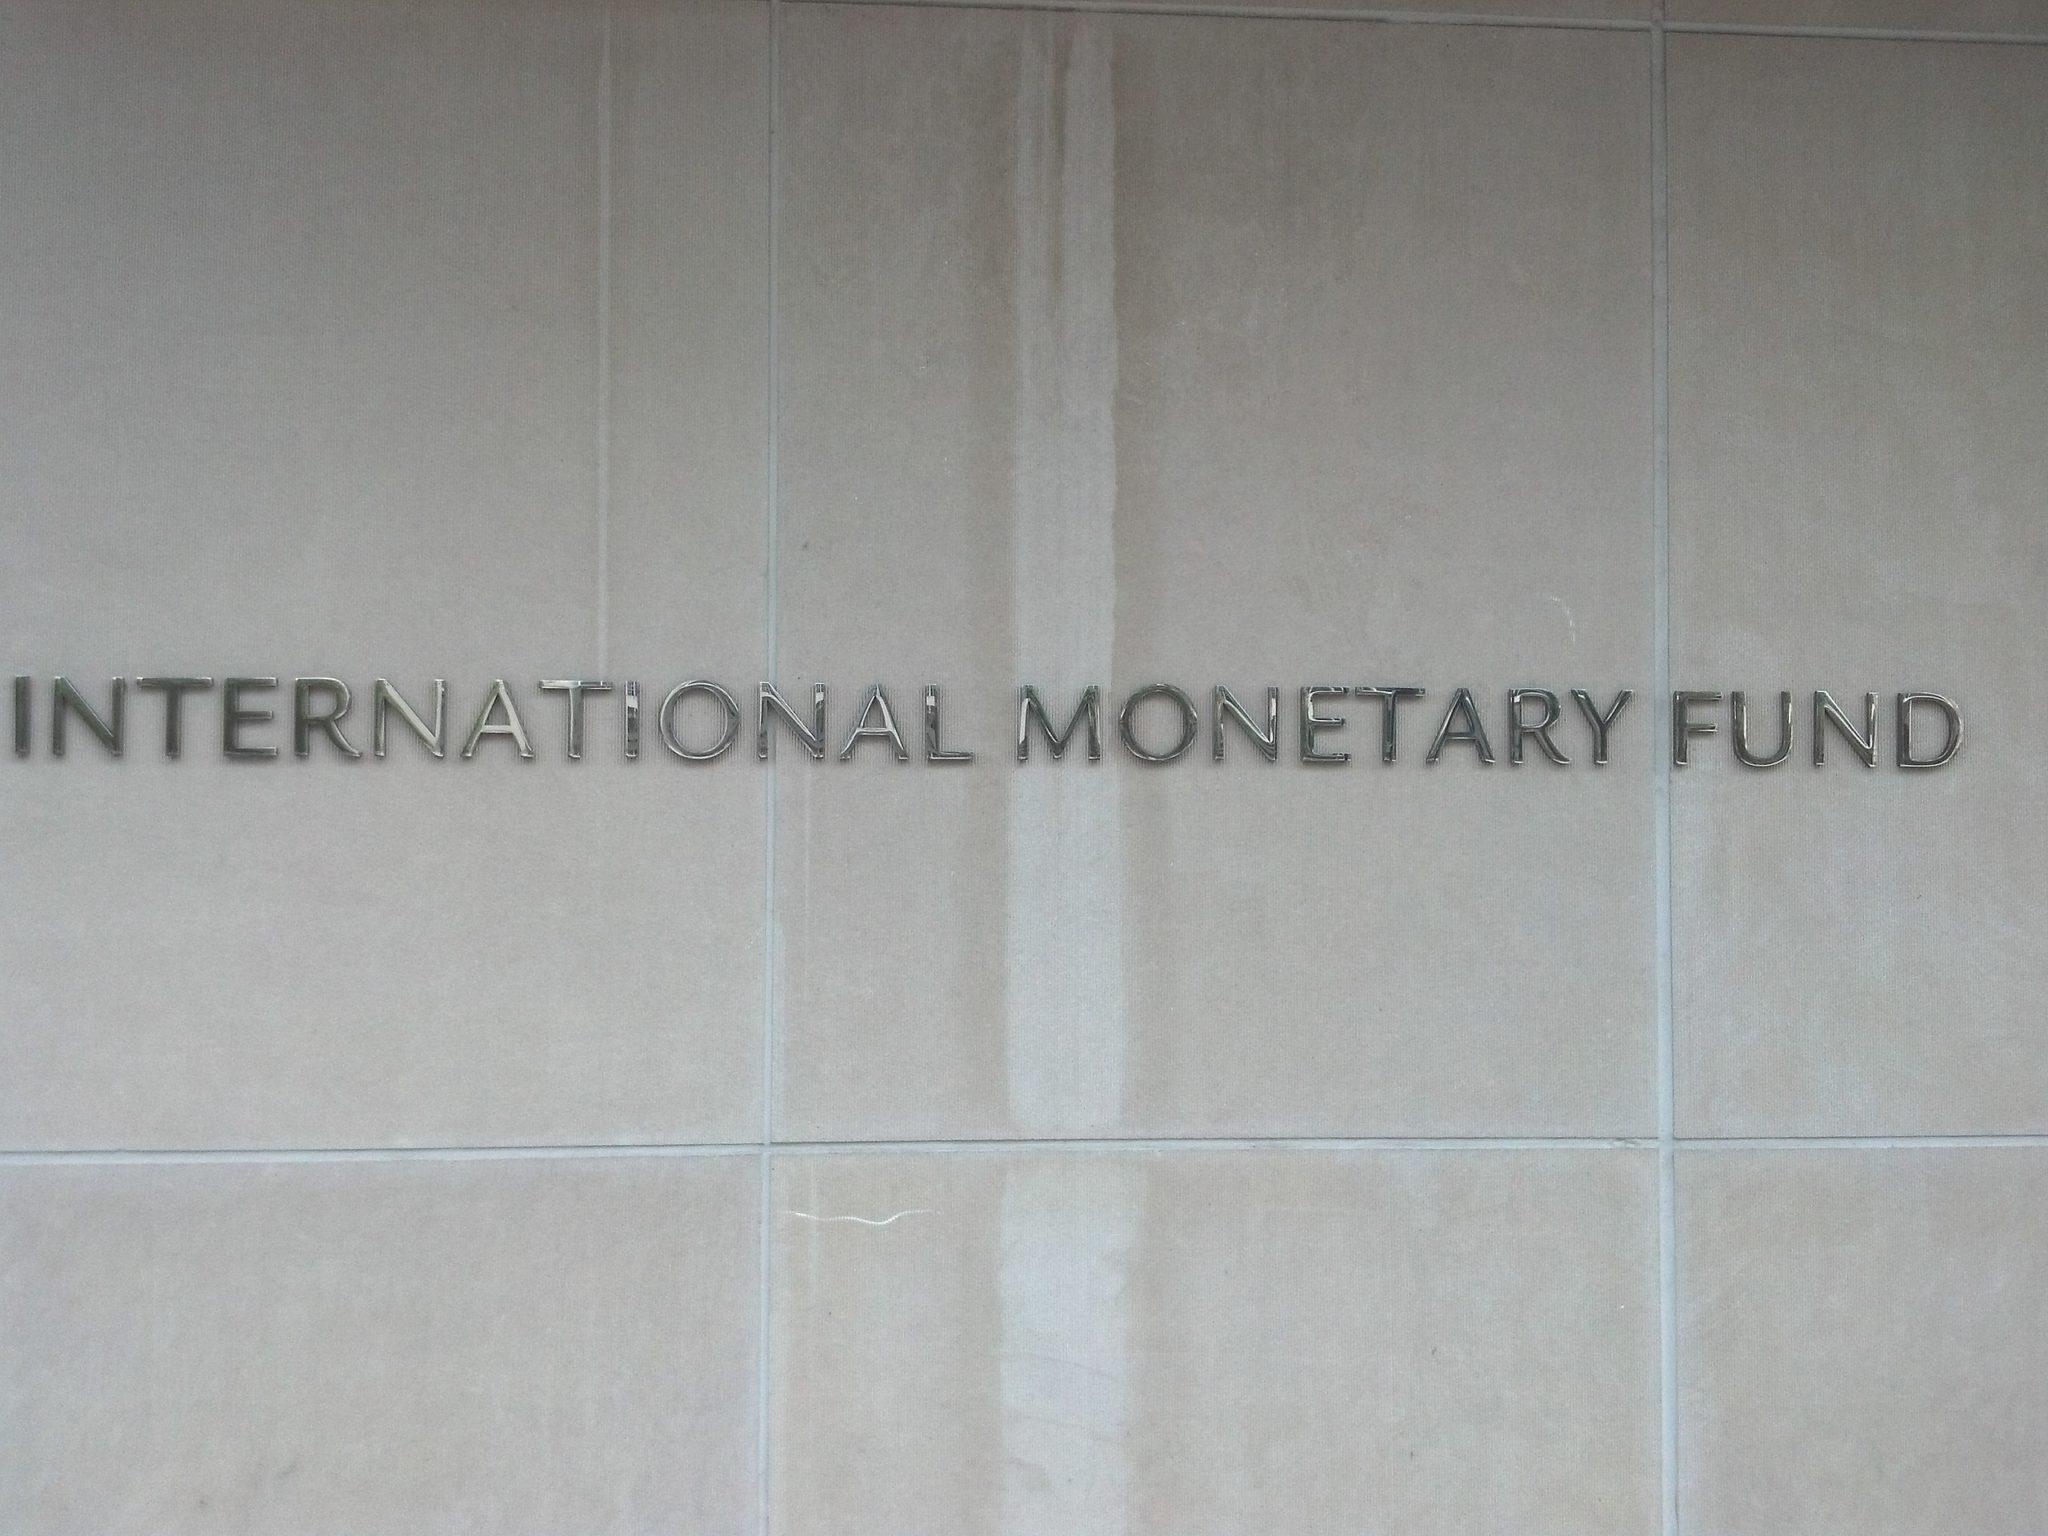 История создания и основные задачи МВФ. Как с ним работает Россия и за что его критикуют?